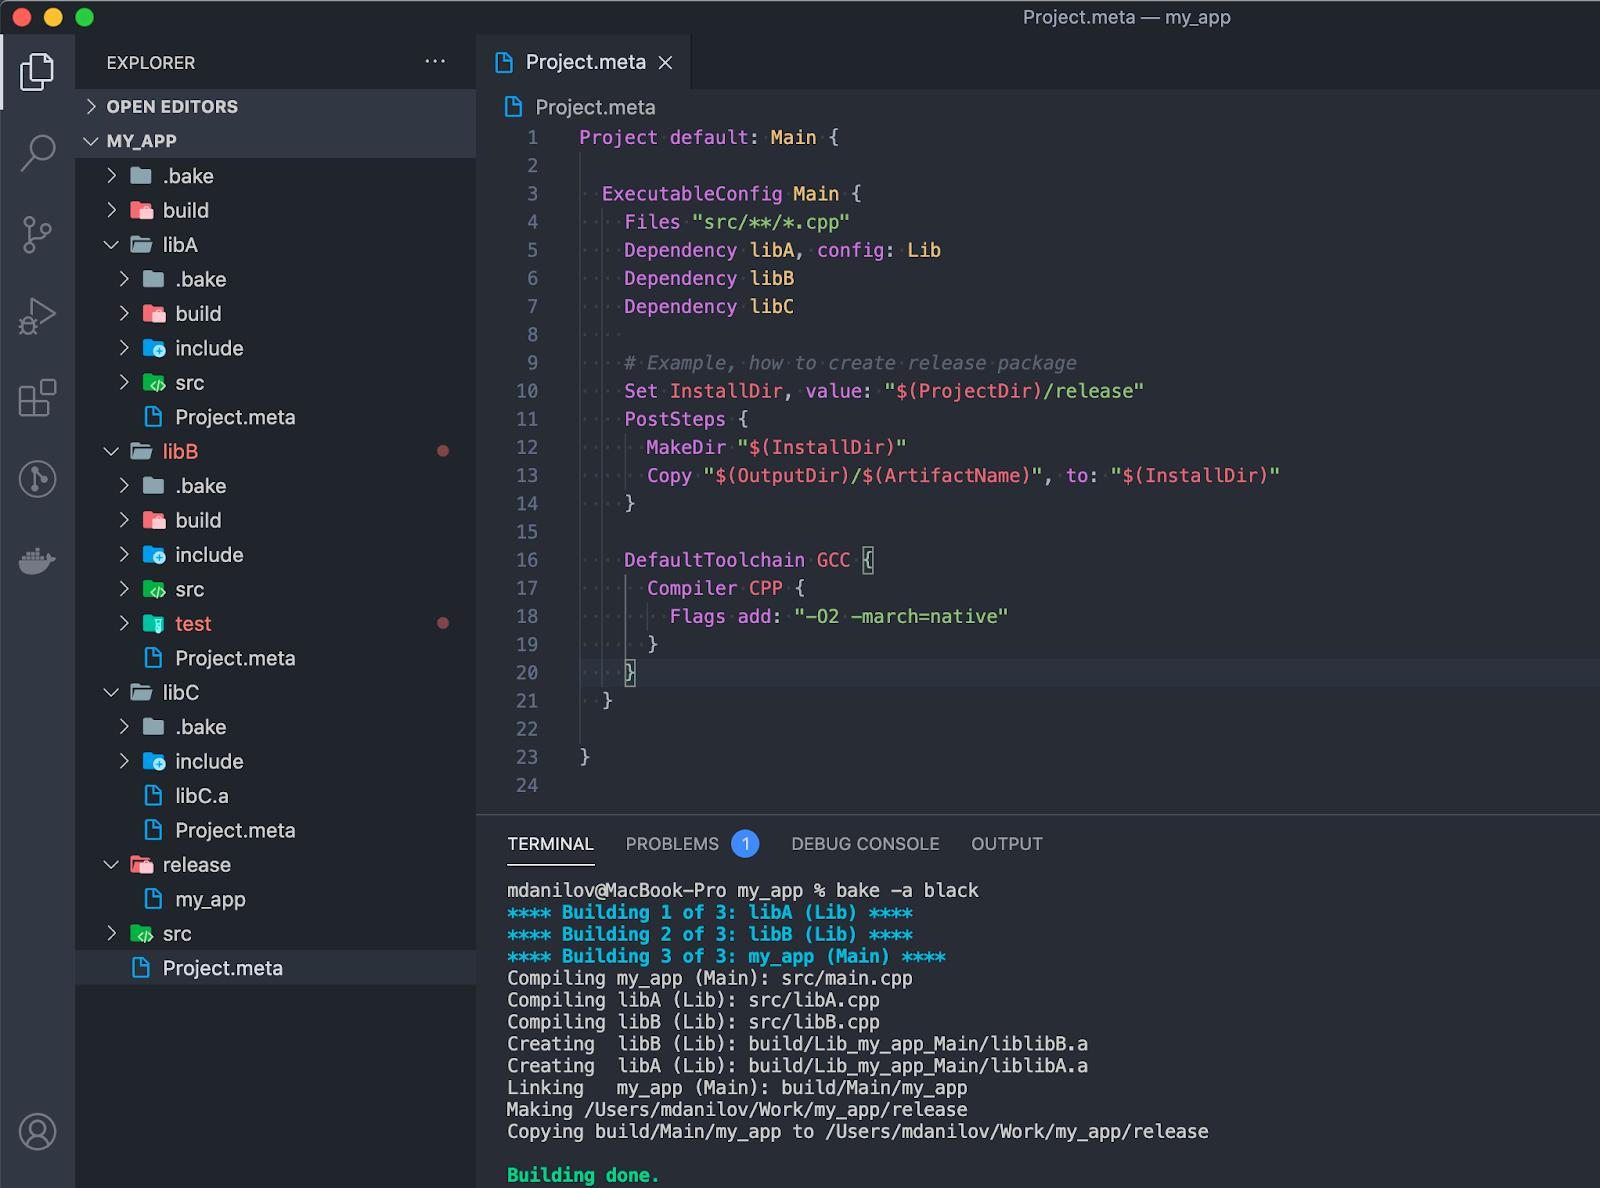 Пример структуры проекта для приложения my_app